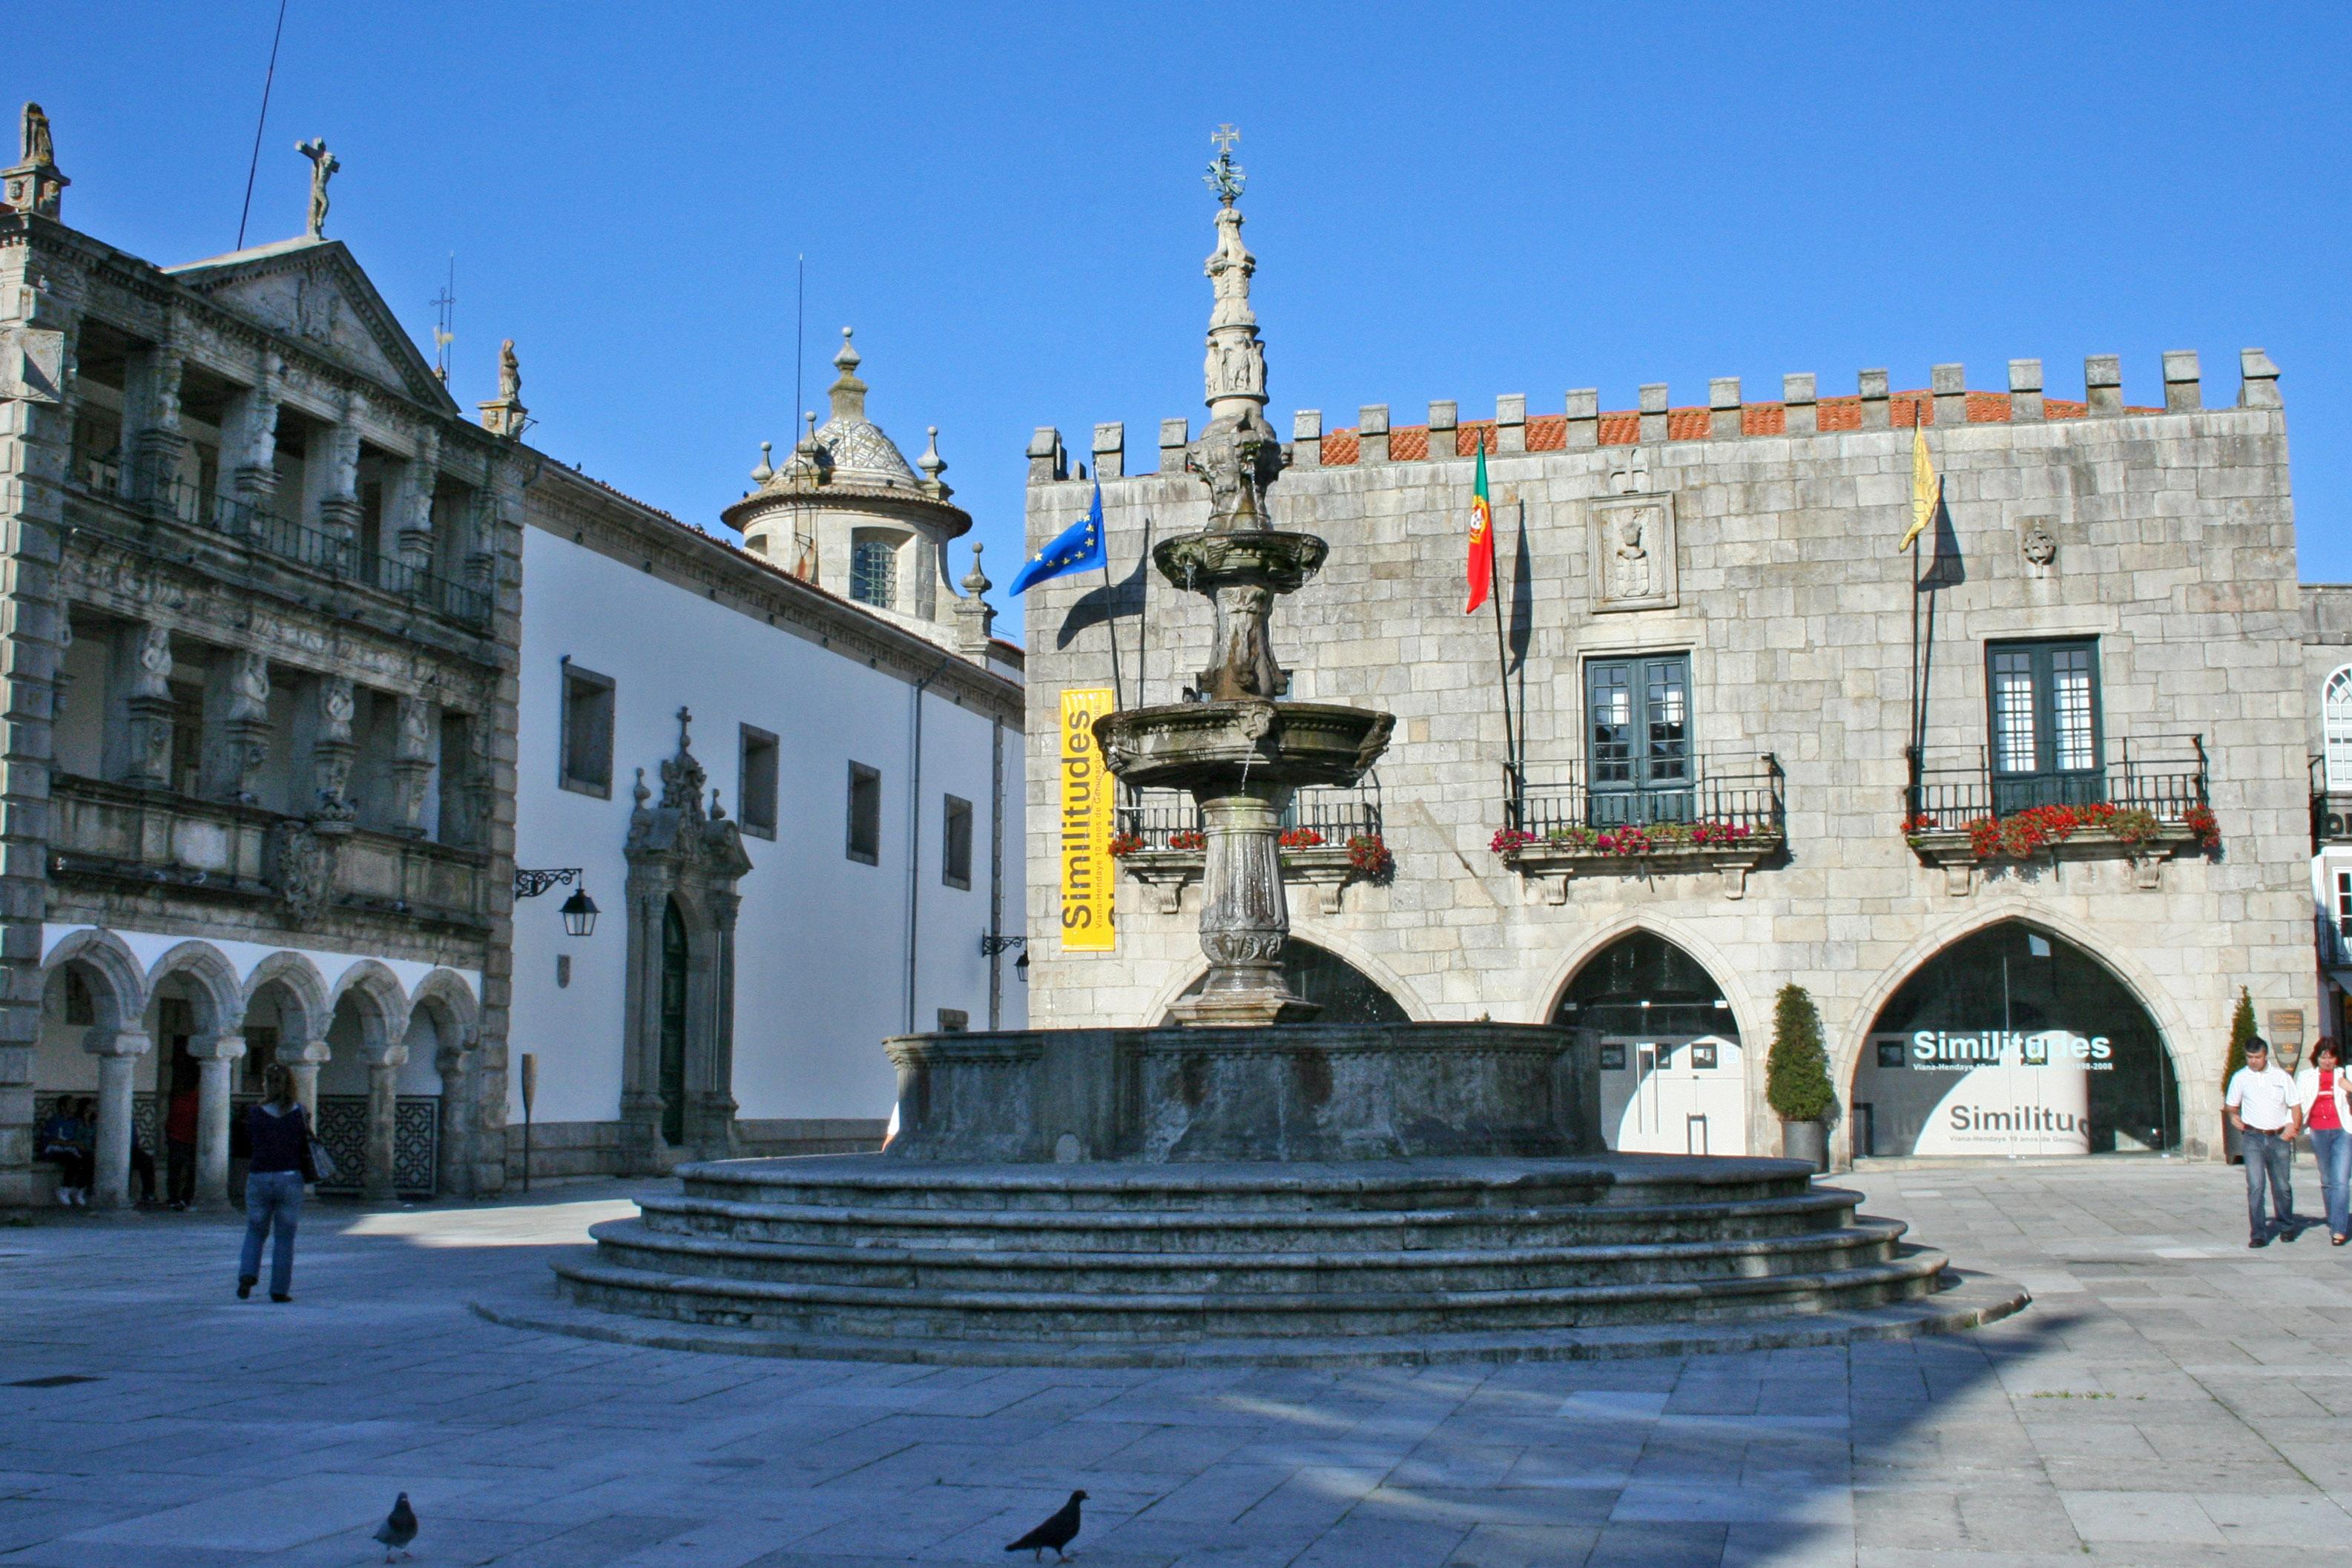 Fotos de viana do castelo portugal 41